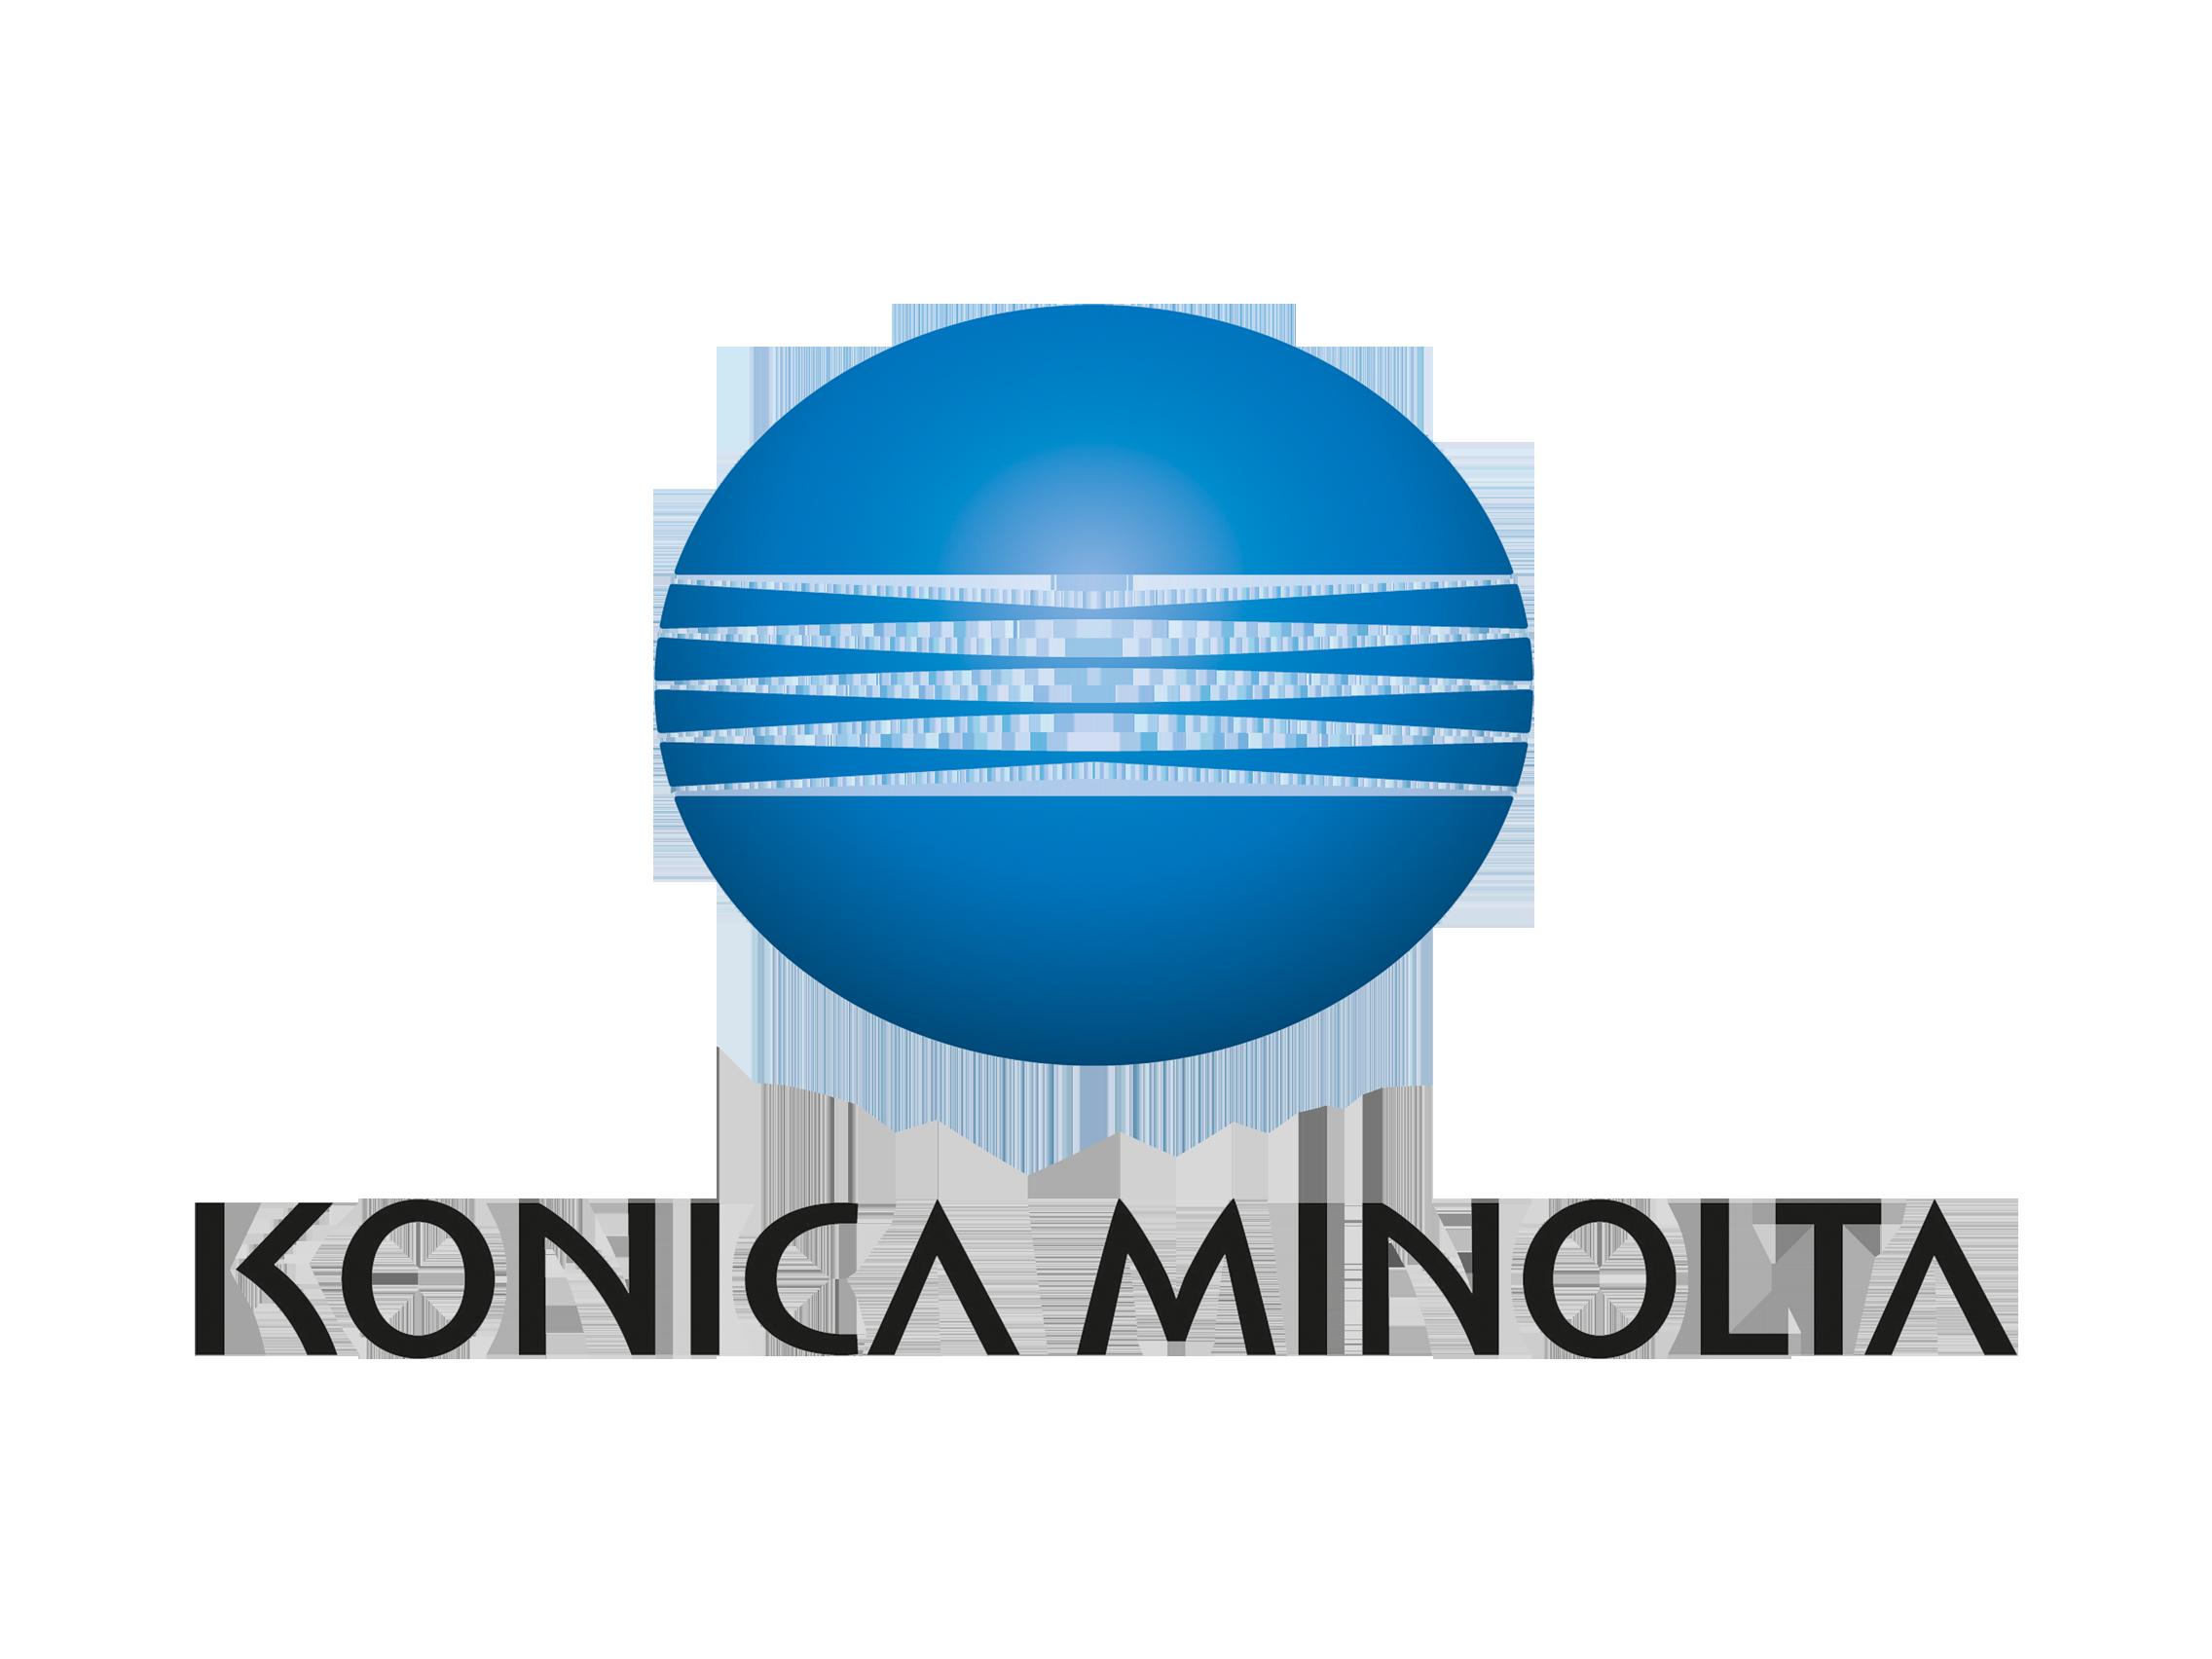 Konica-Minolta-logo-and-wordmark.png